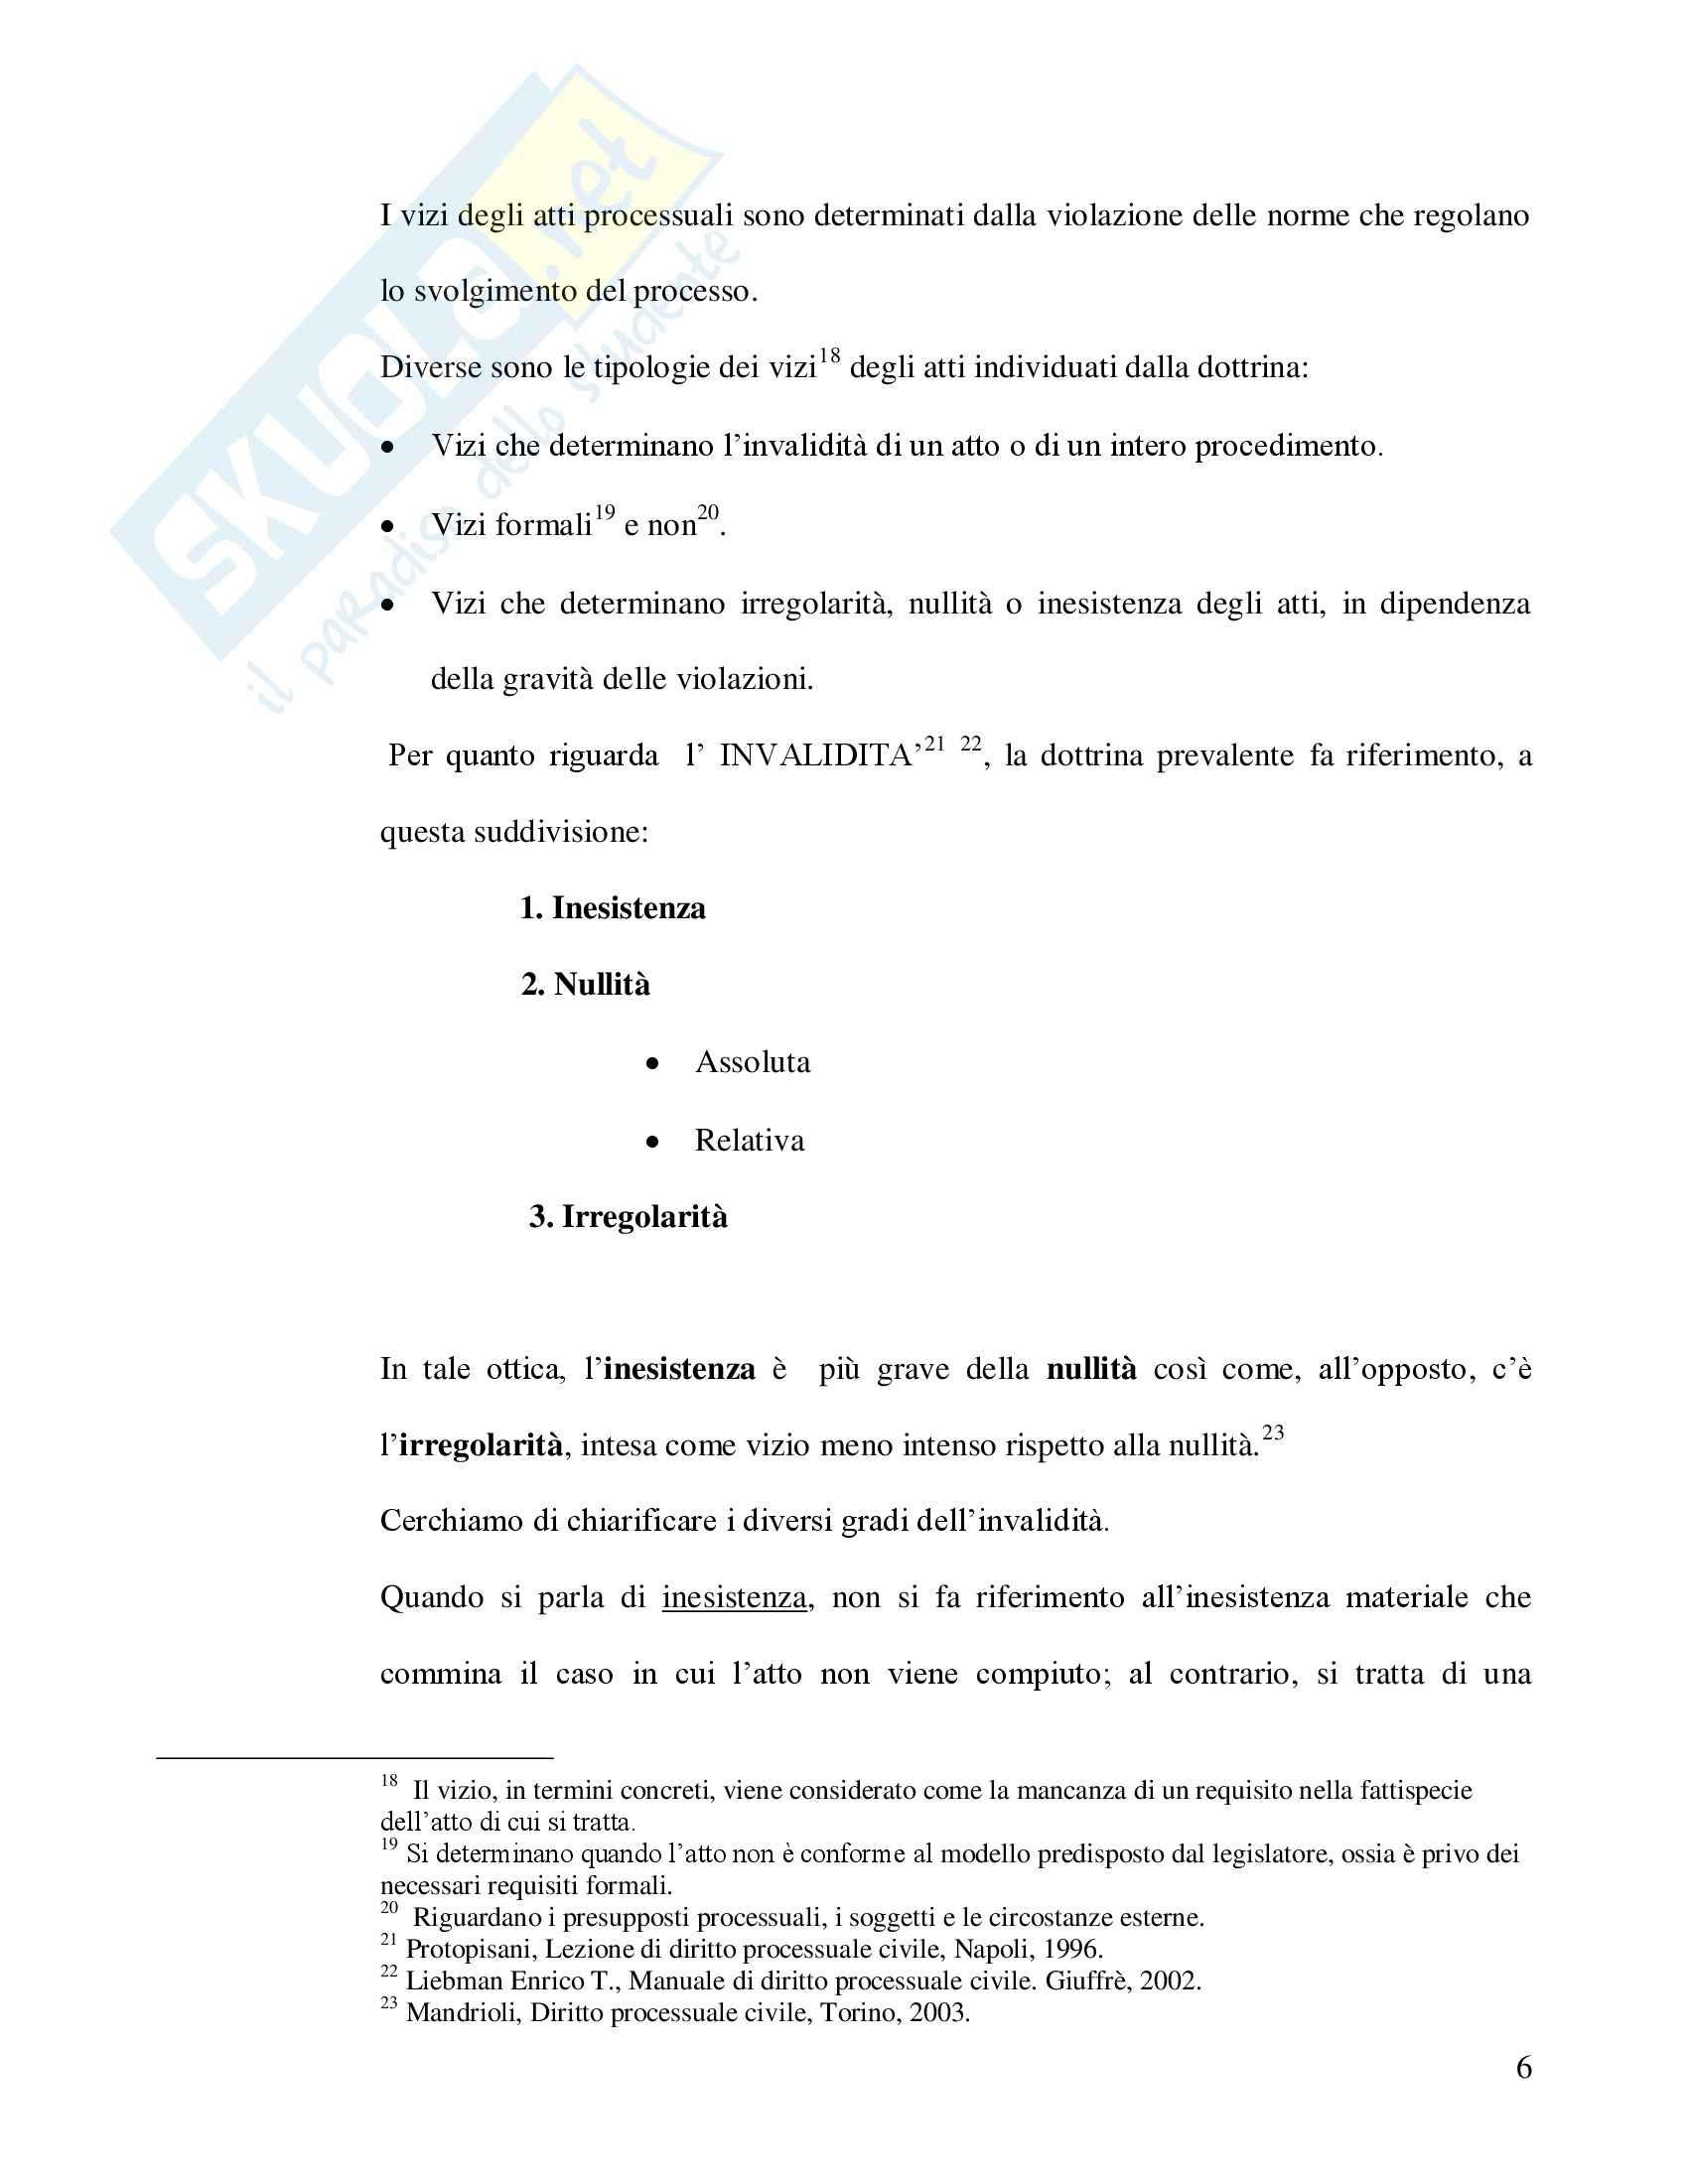 Revocazione per errore di fatto ricadente sugli atti processuali - Capitolo I Pag. 6